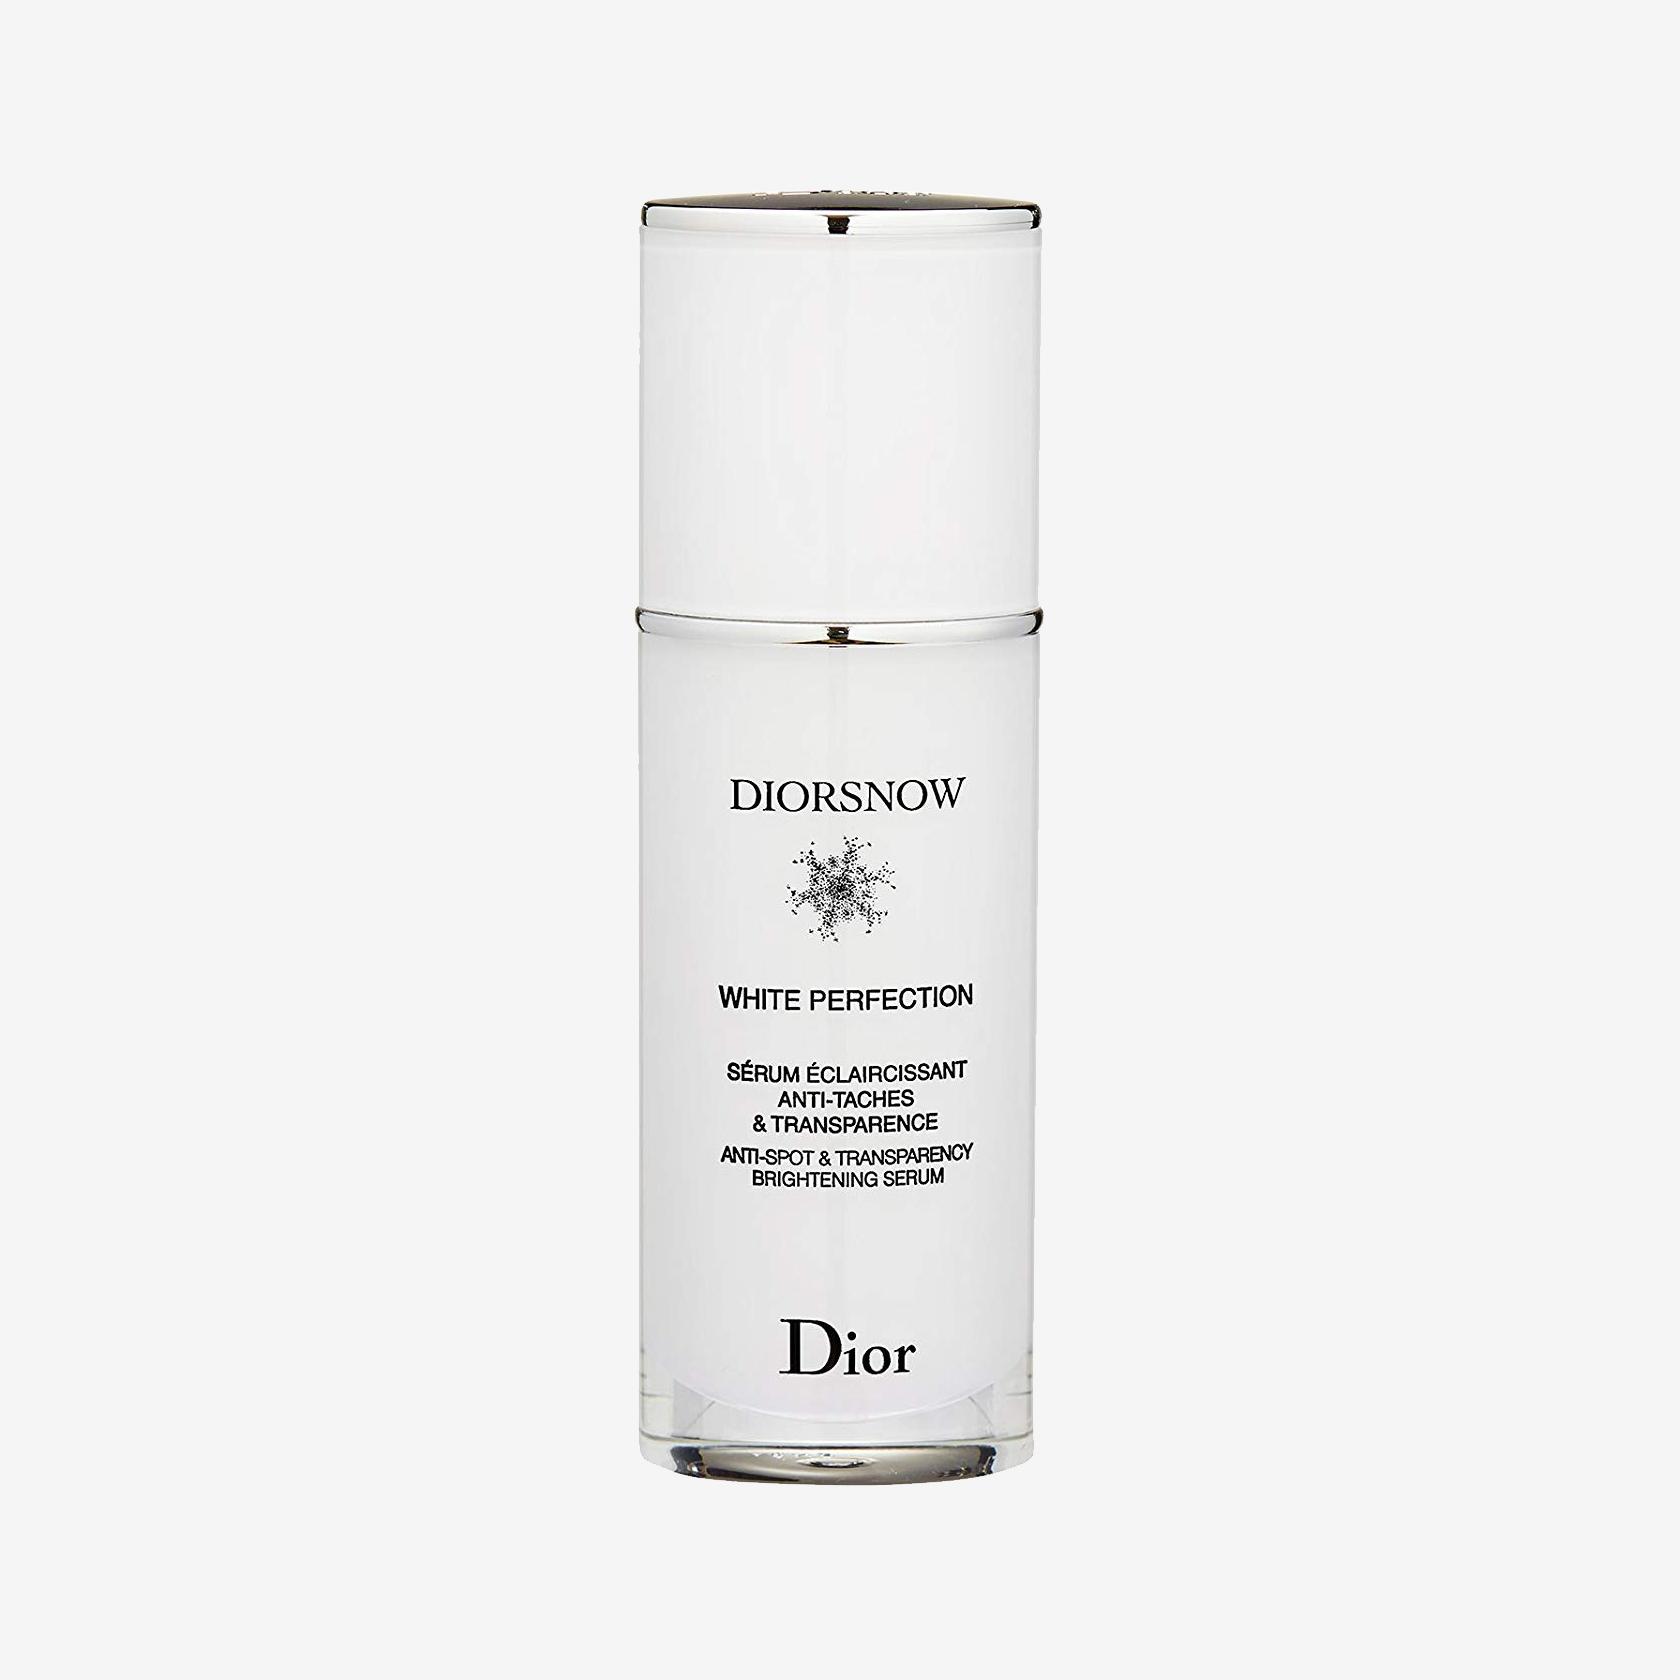 Сыворотка против пигментных пятен White Perfection Diorsnow, Dior